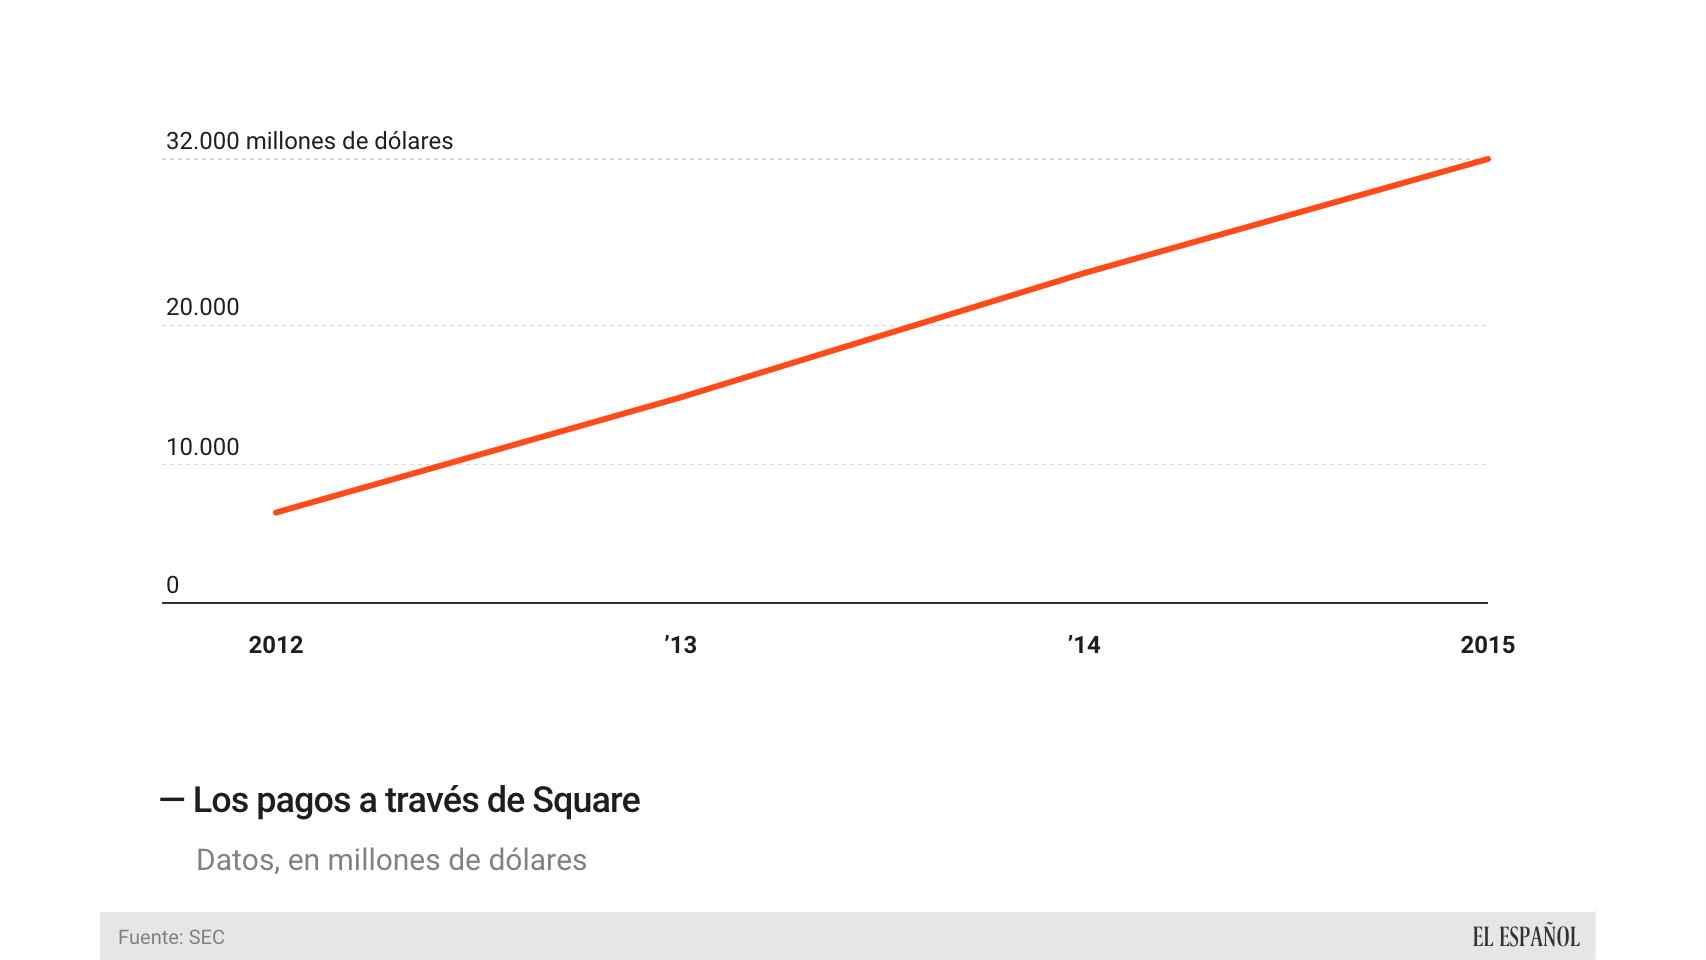 La evolución de los pagos a través de Square.